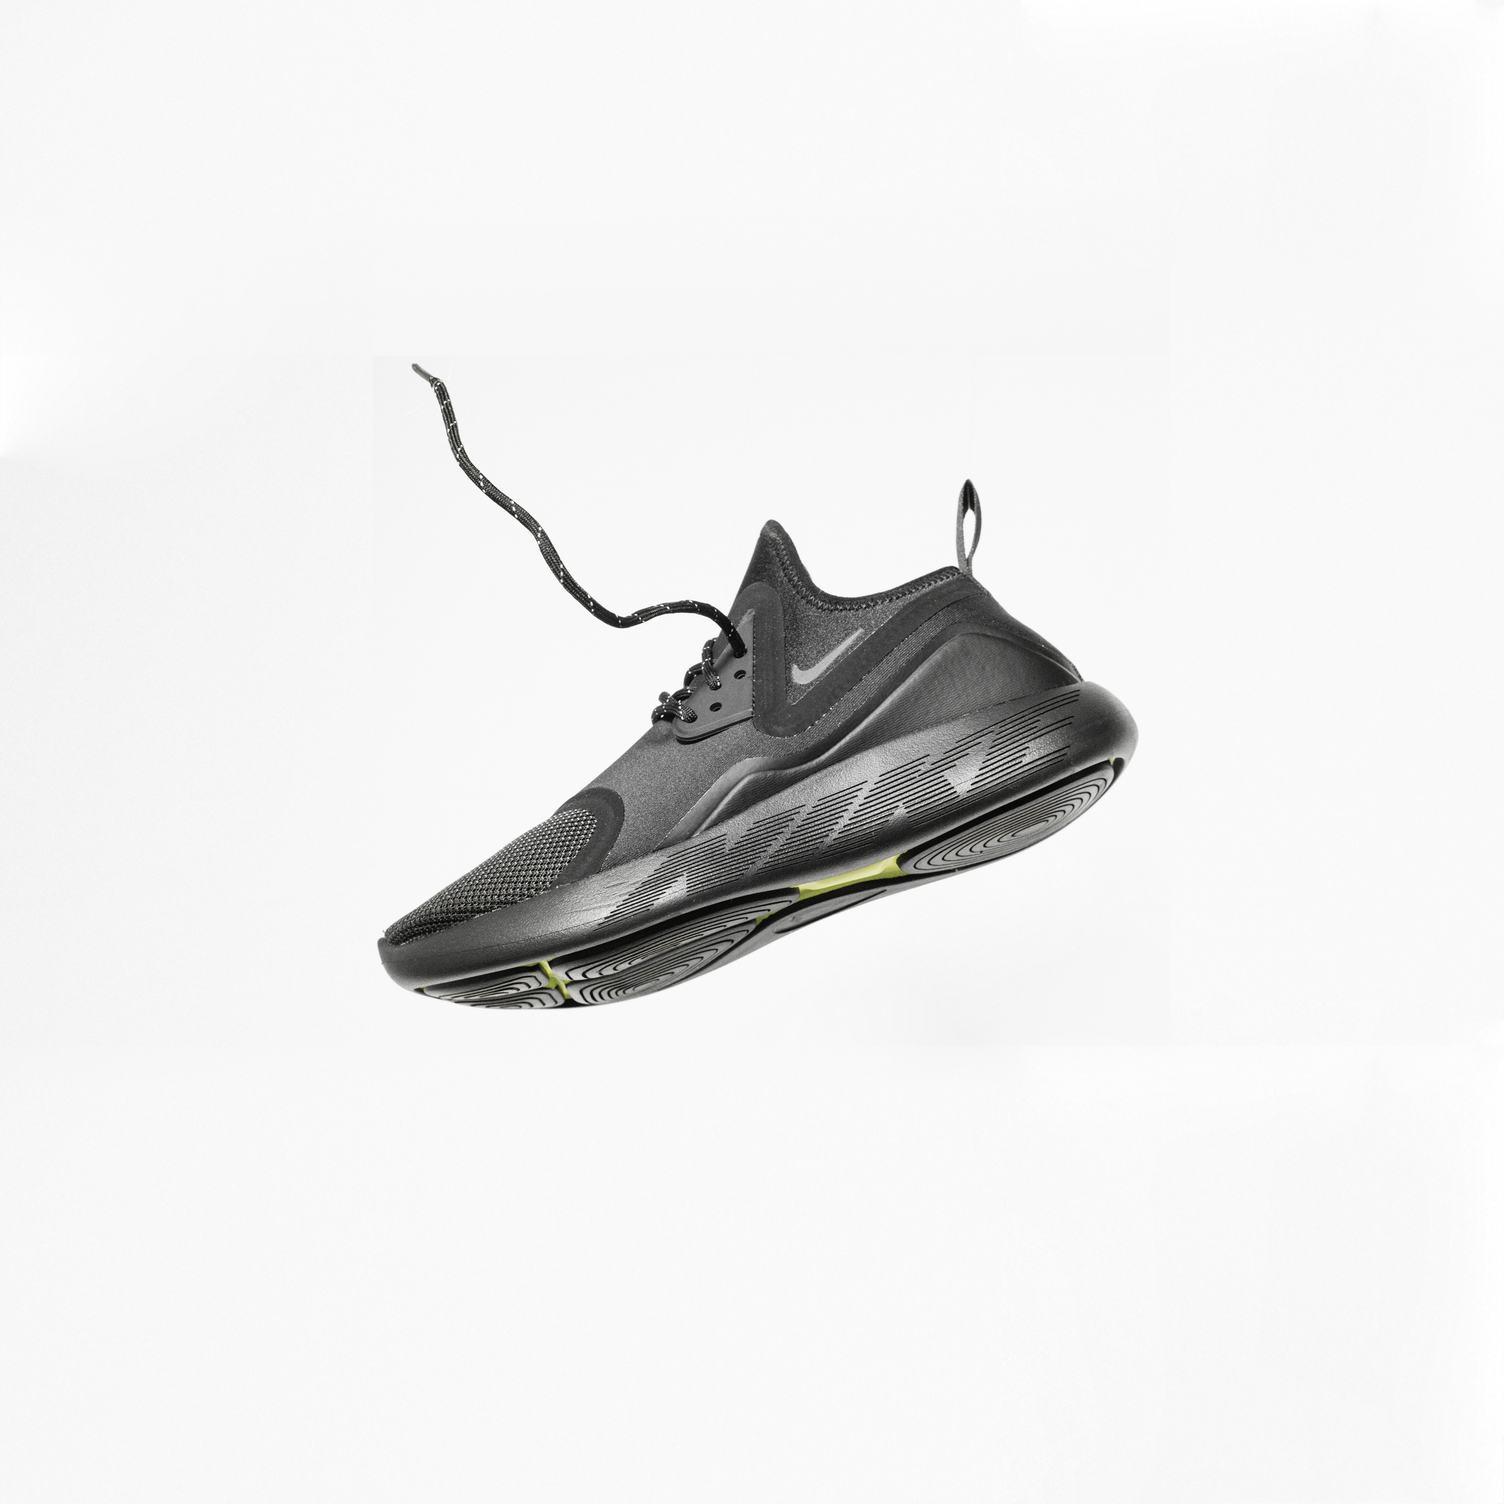 Single Black Nike Sport Shoe Isolated on White Background